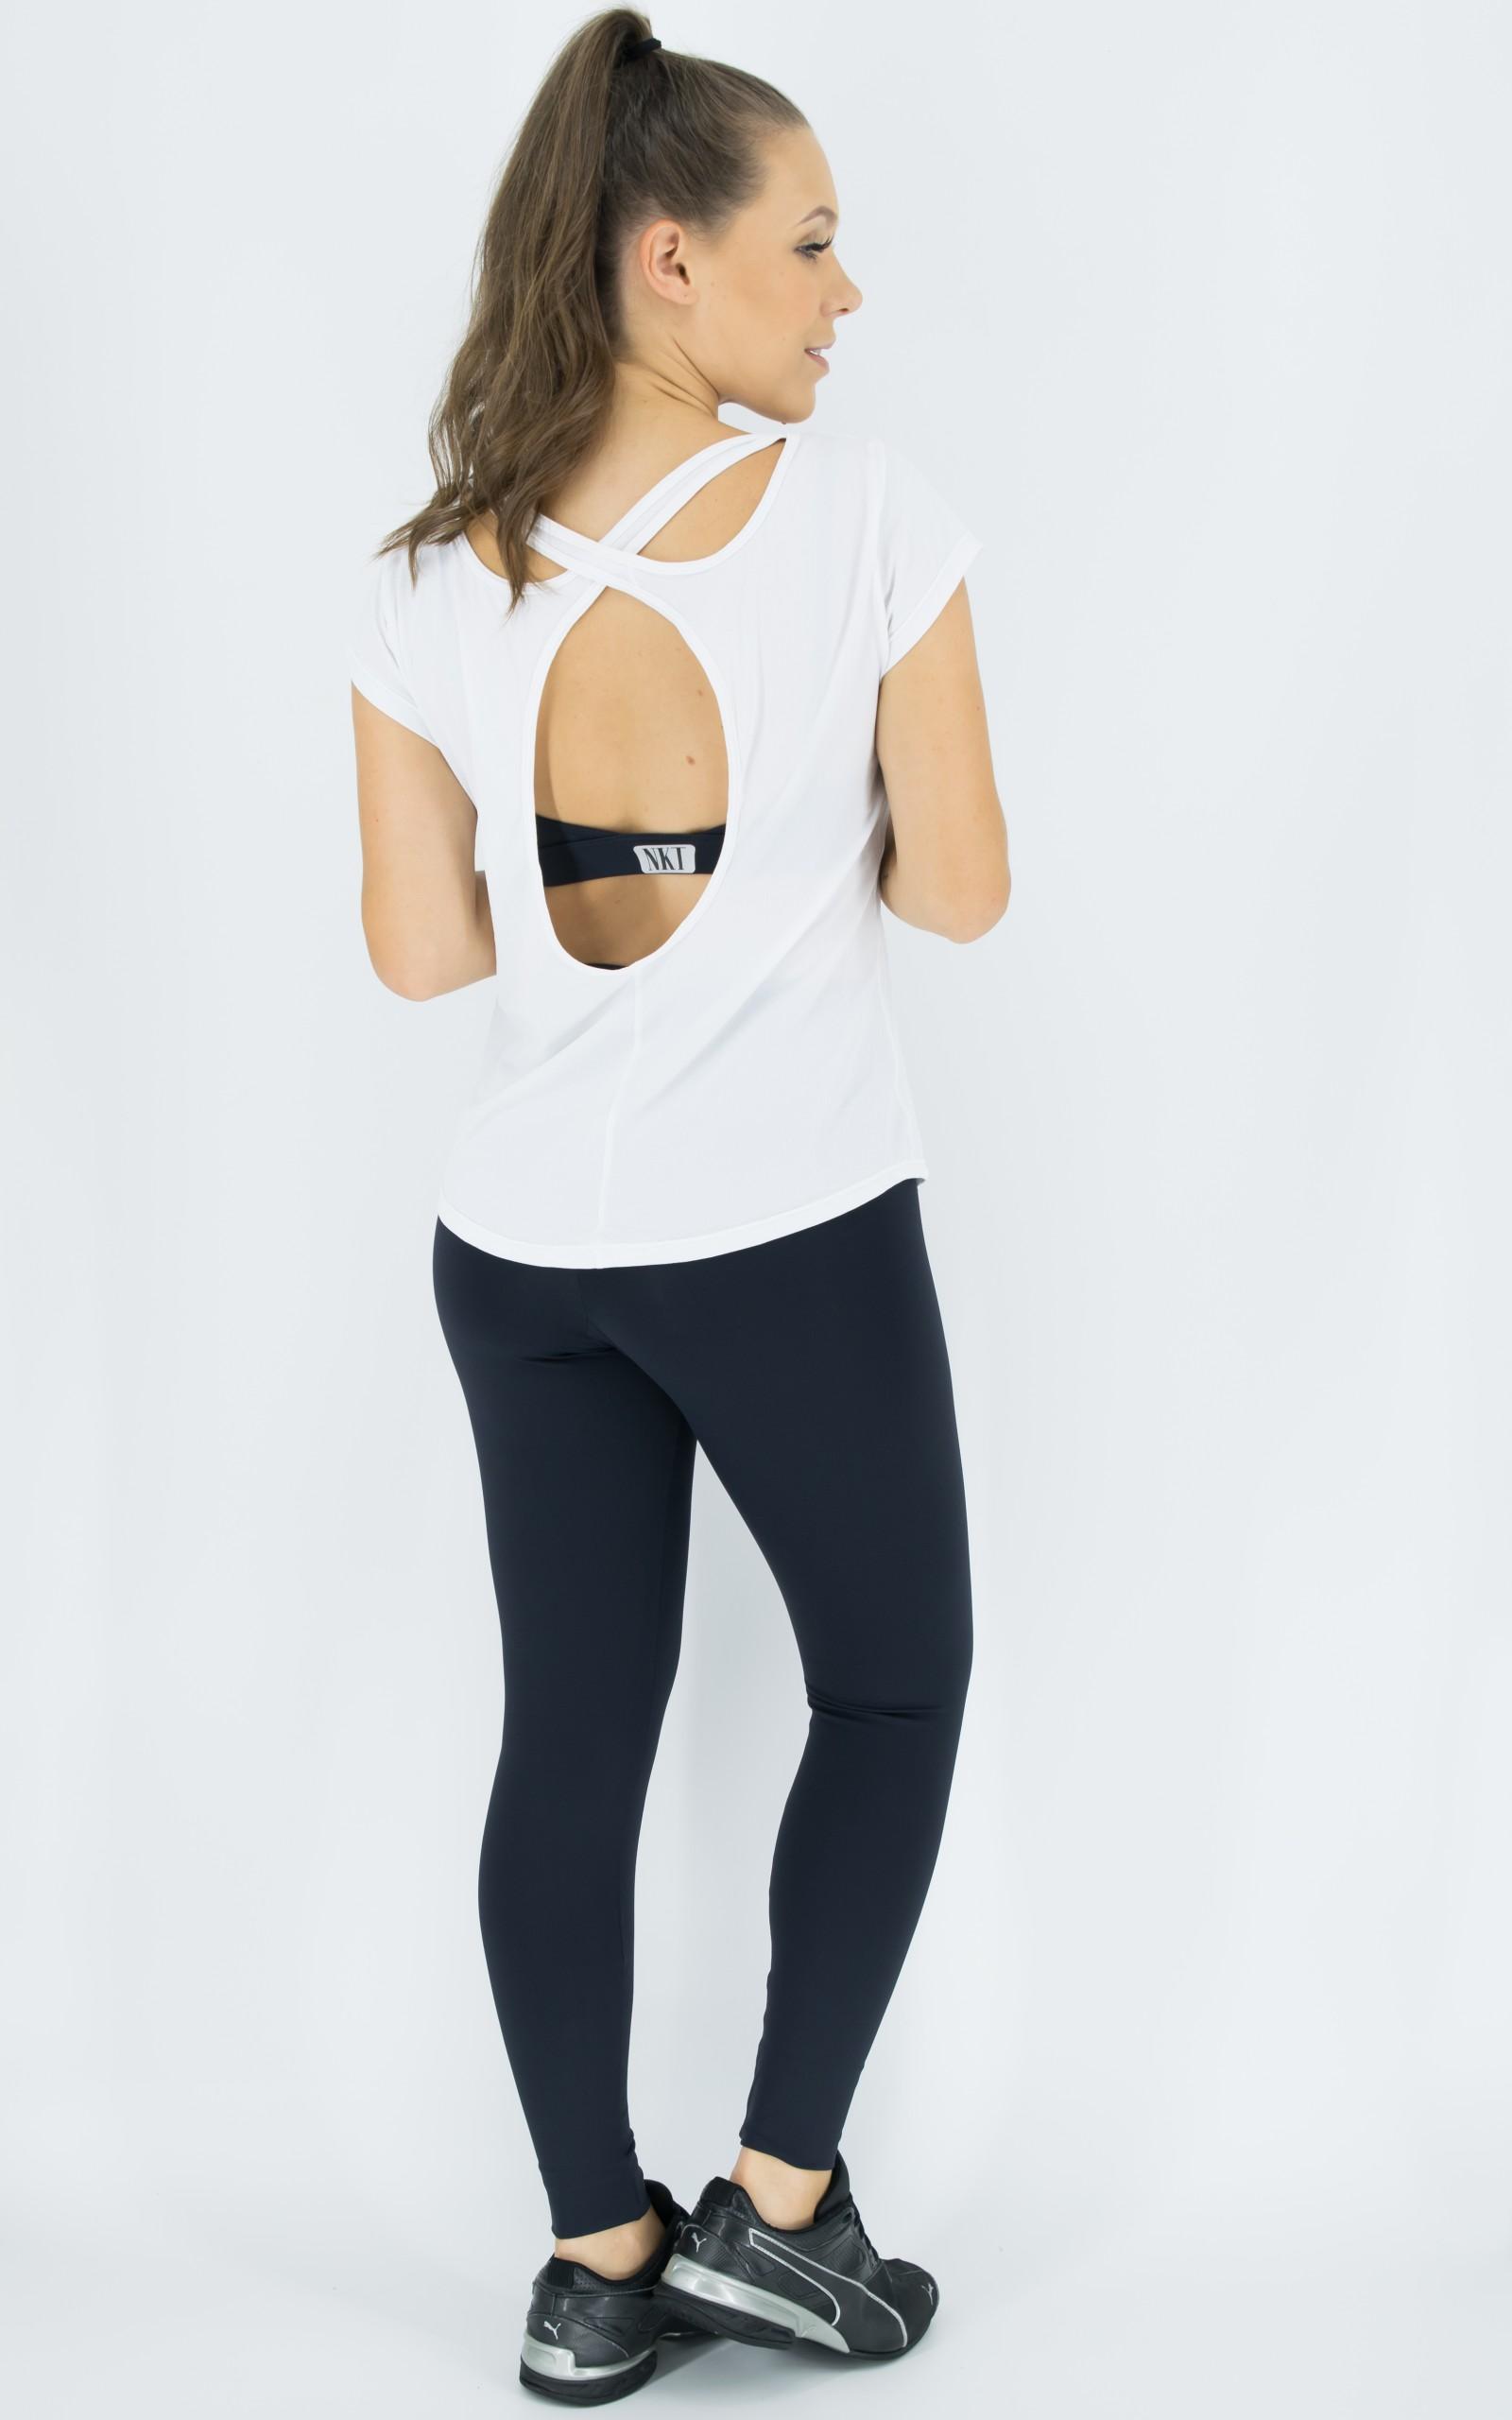 Blusa Special Branca, Coleção Move Your Body - NKT Fitwear Moda Fitness